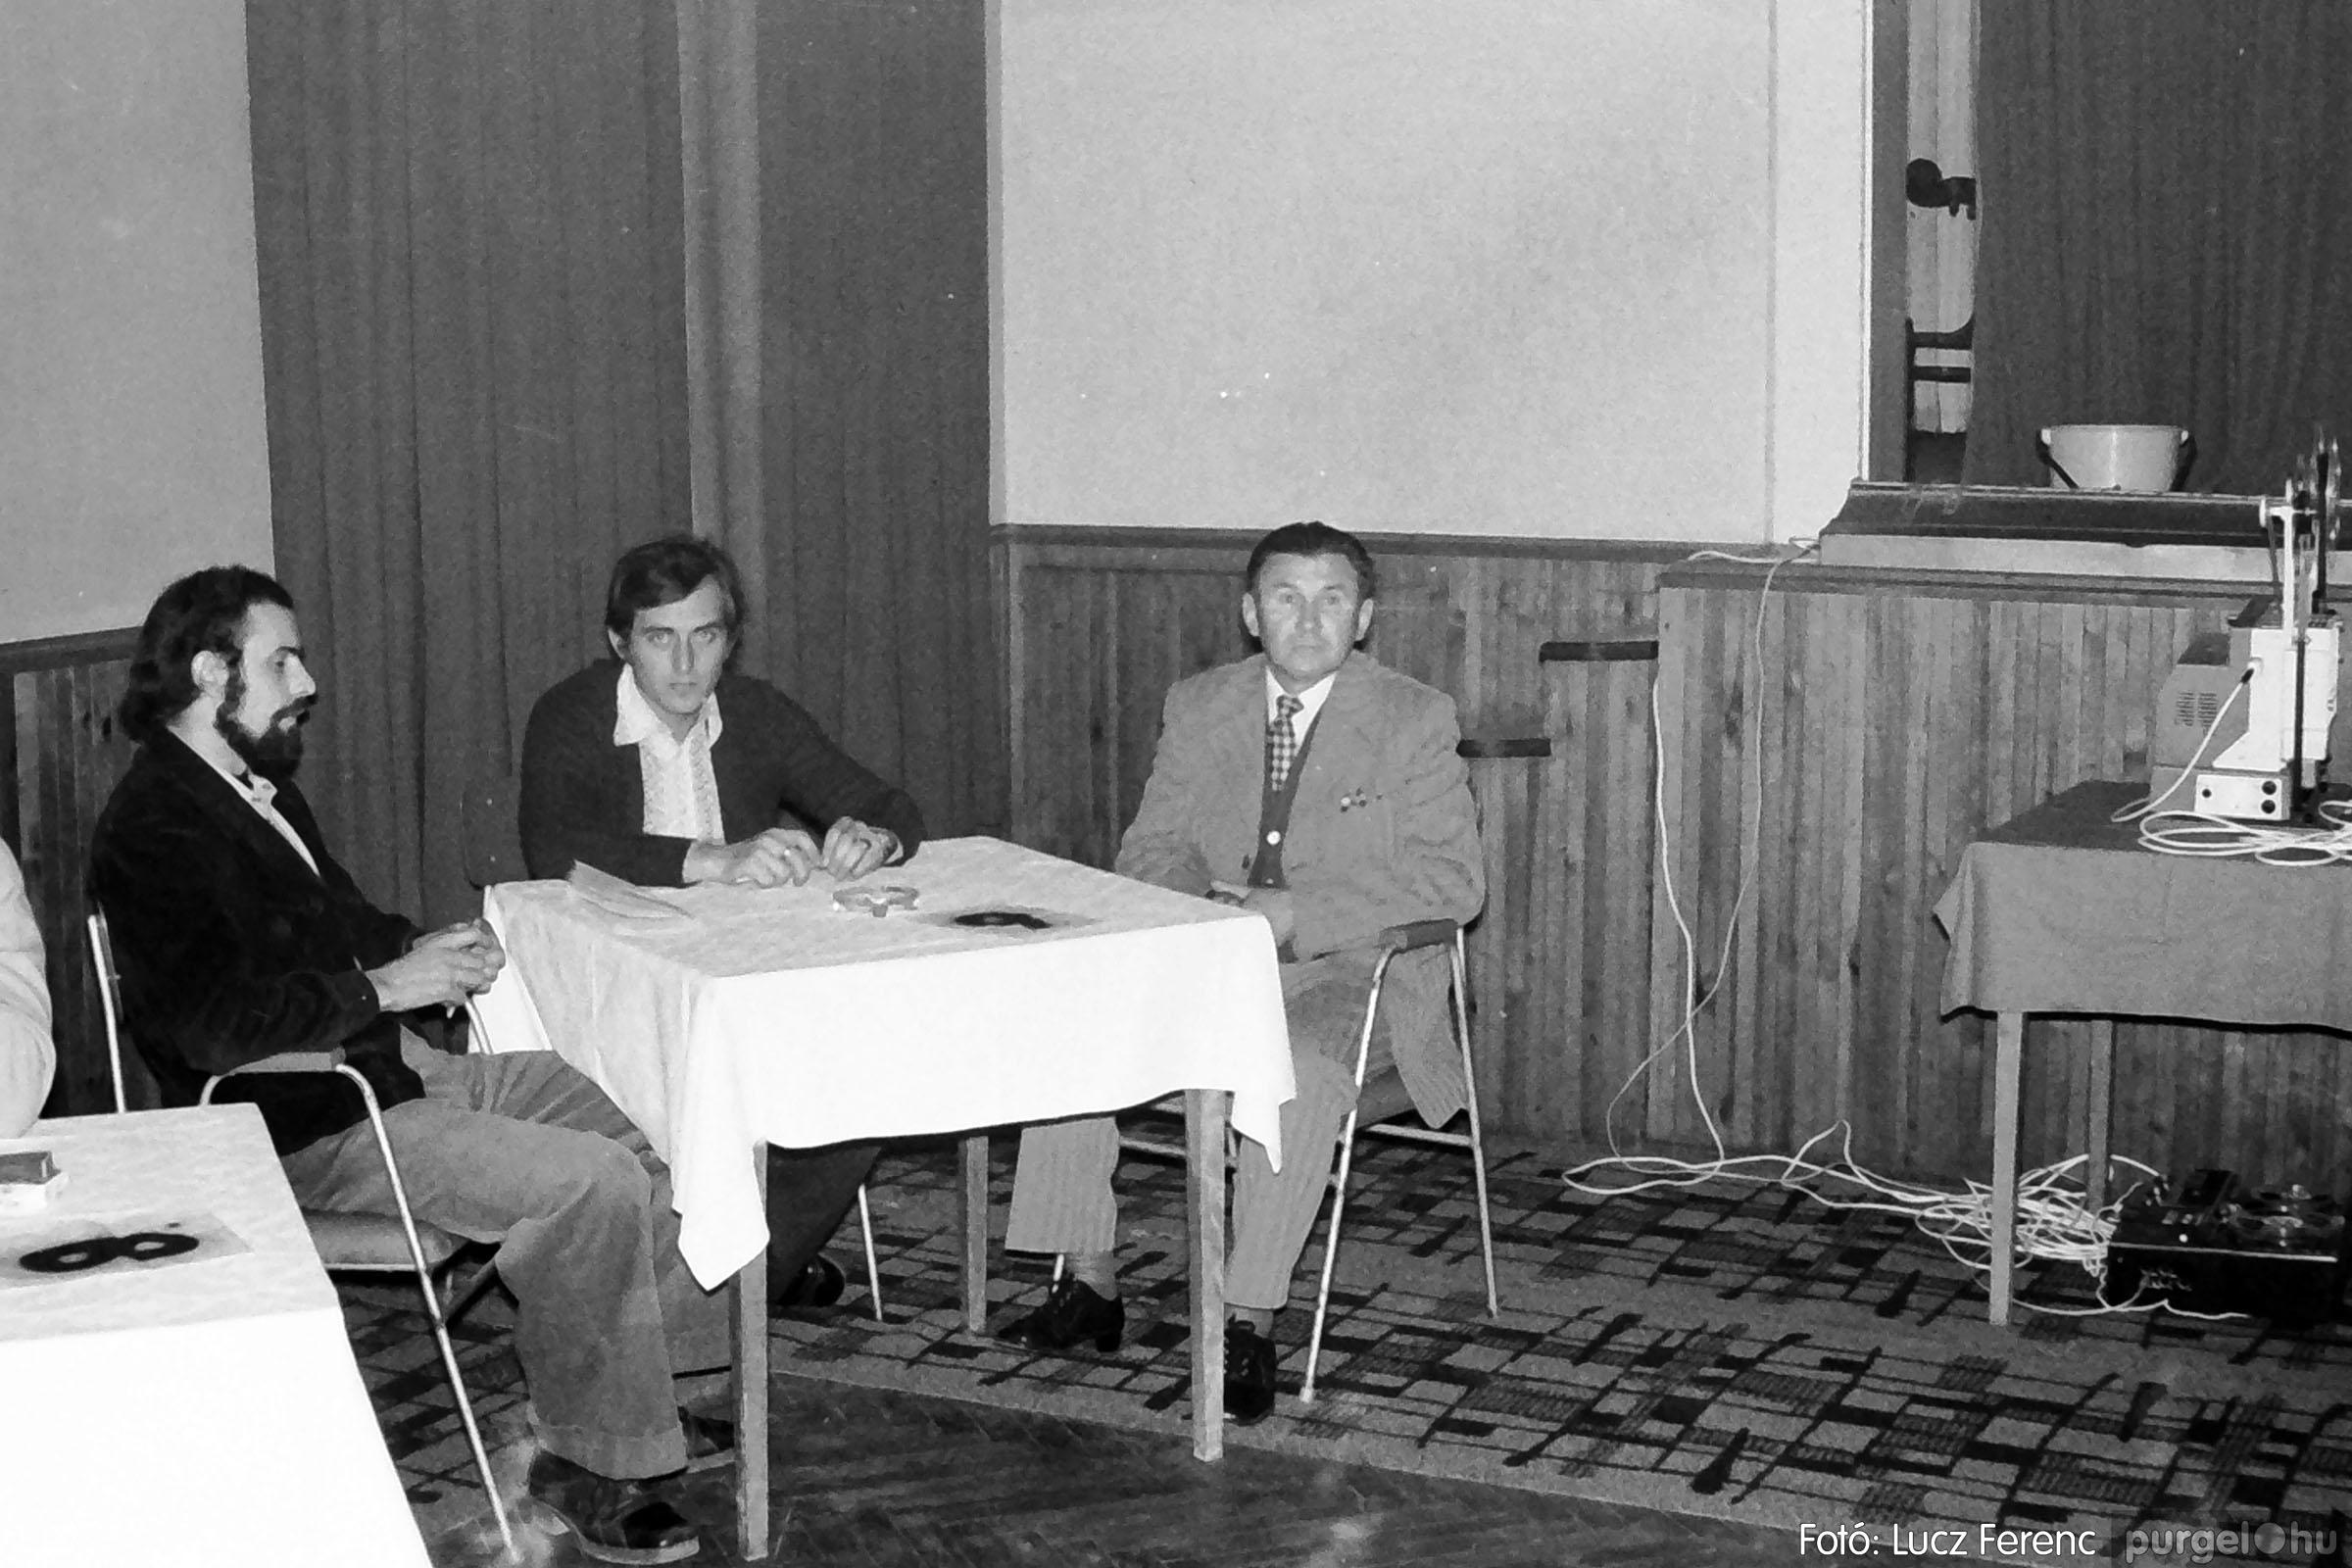 004A 1970-es évek - Kendergyári dolgozók vetélkedője 004 - Fotó: Lucz Ferenc IMG00084q.jpg